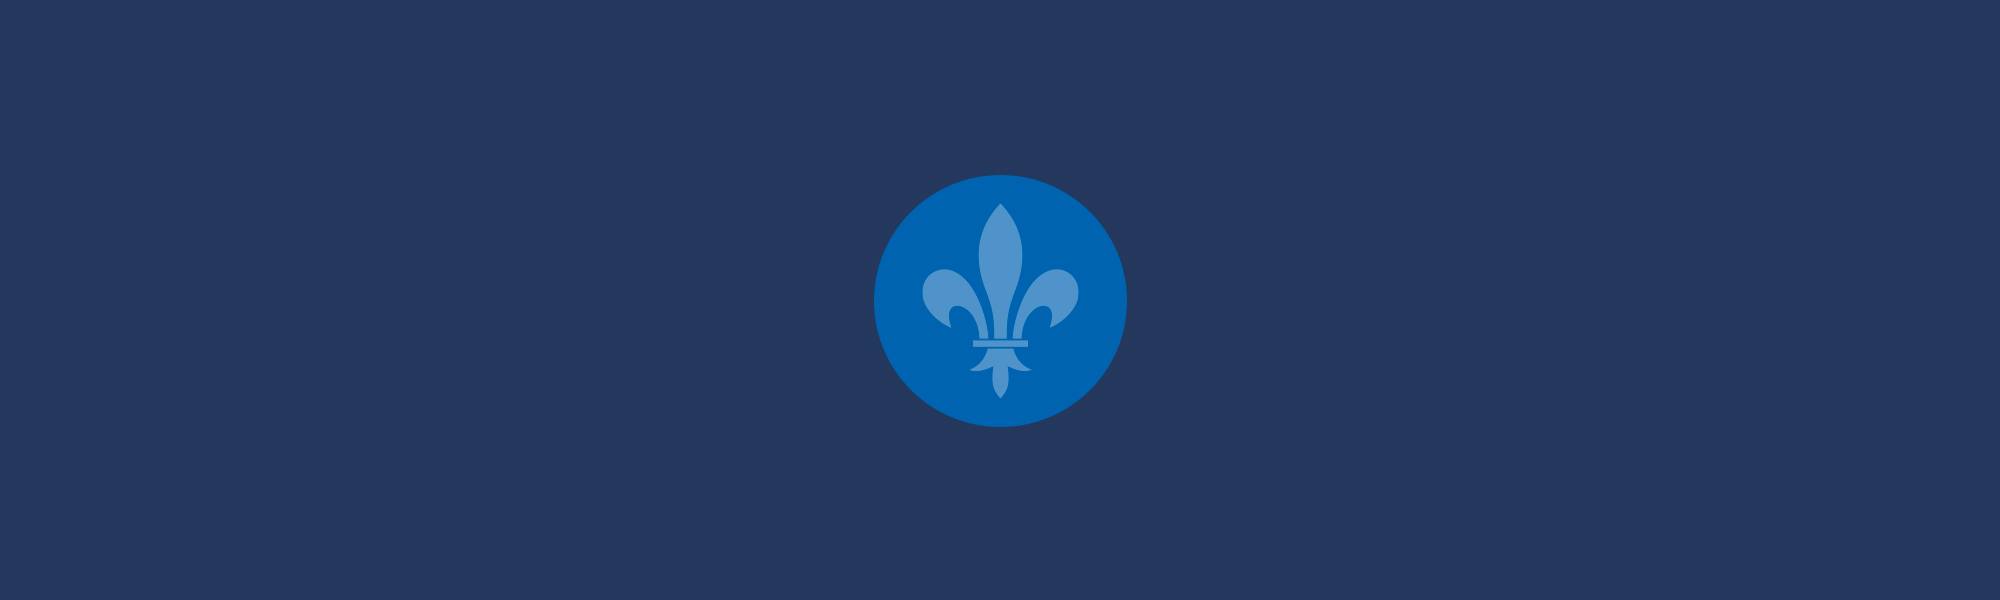 Infographiste Rouen Pascal Ridel - bannière - Infographie généalogique